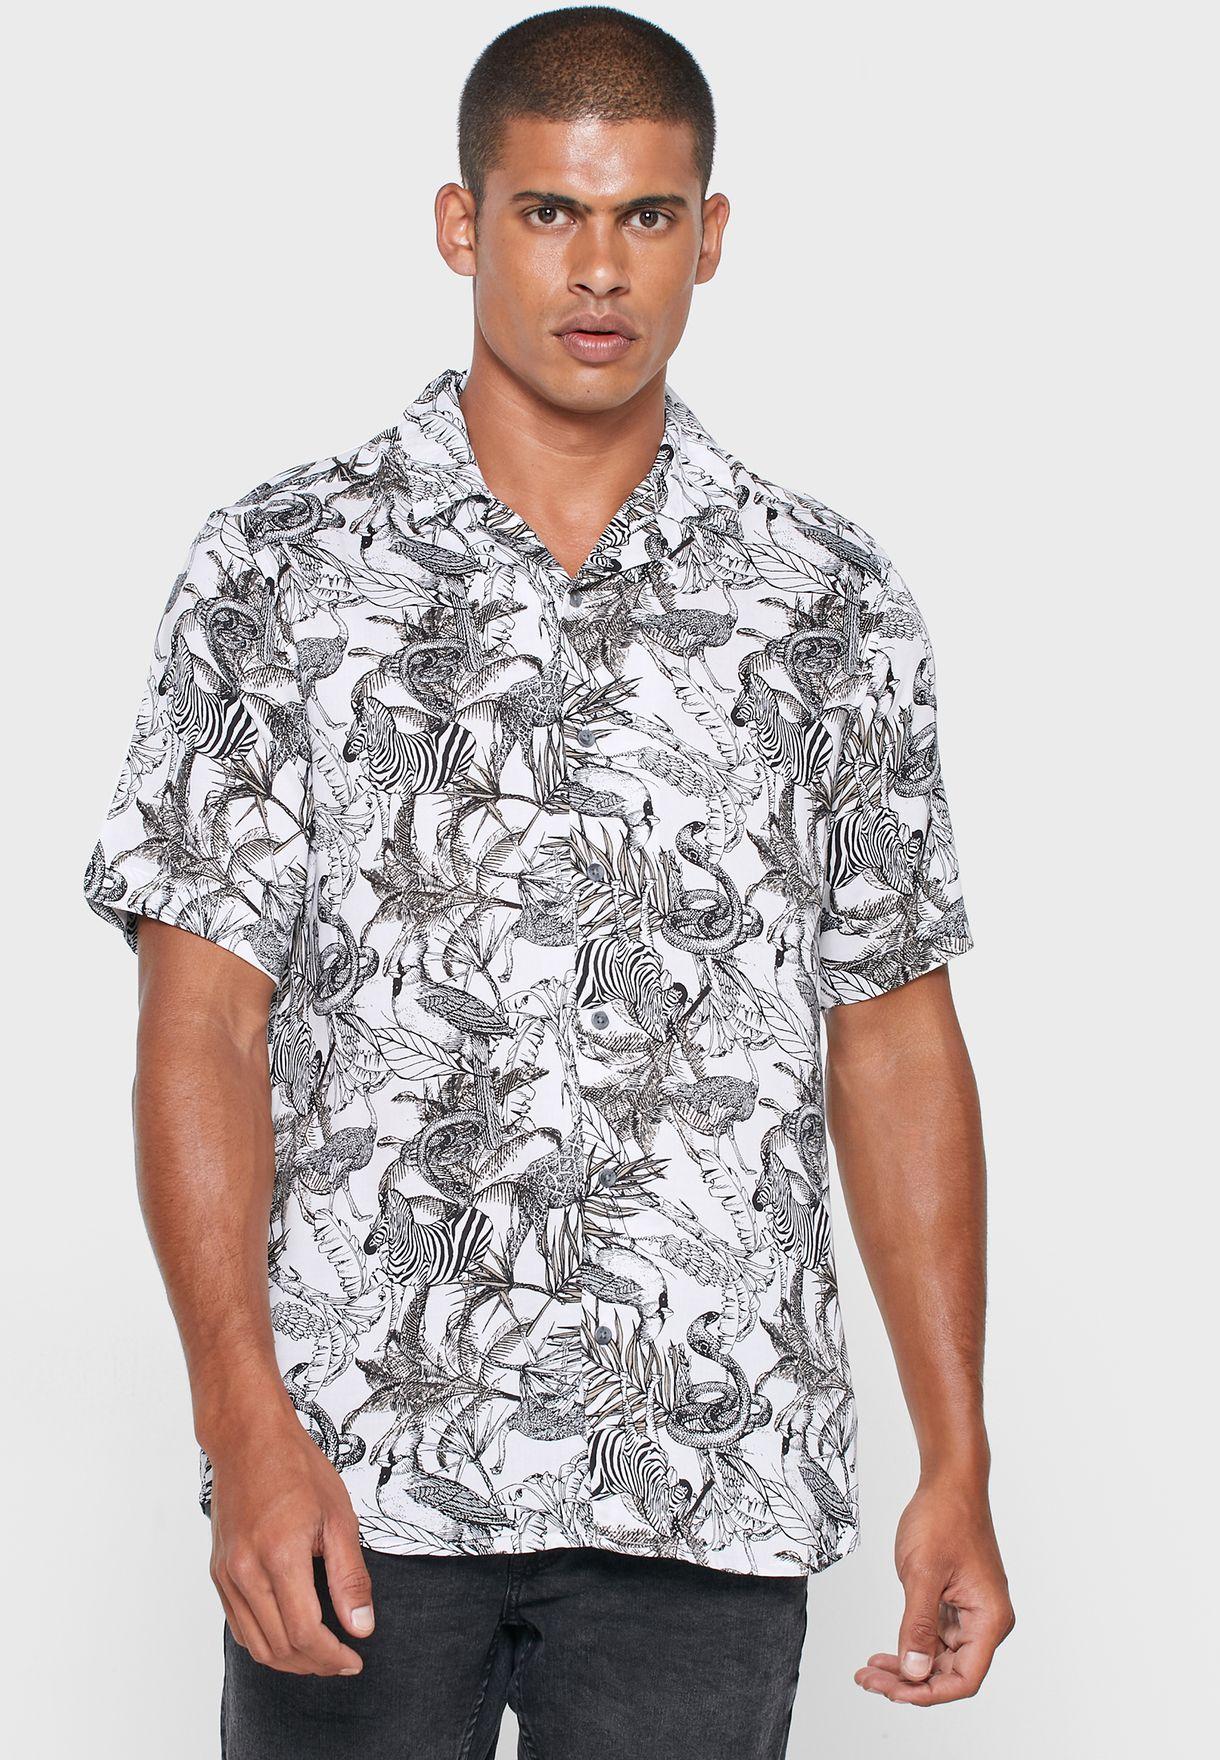 Only & Sons Gabrial Animal Print Slim Fit Shirt - Fashion